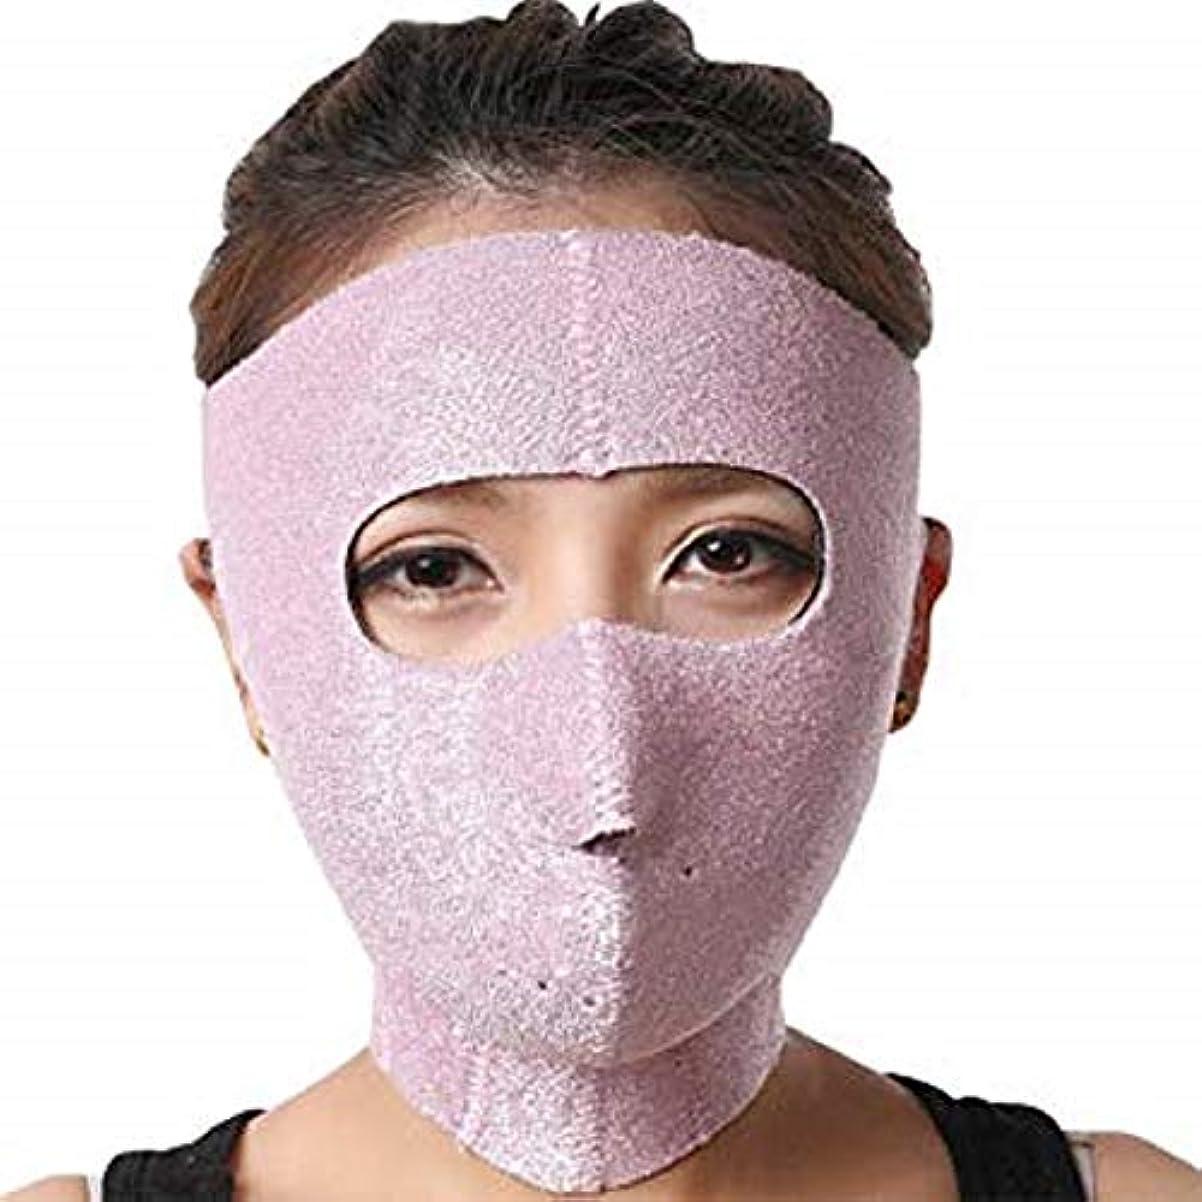 ギャロップ水族館モードリンリタプロショップ? 小顔矯正 3Dマスク 発汗 サウナ フェイスライン 引き締め